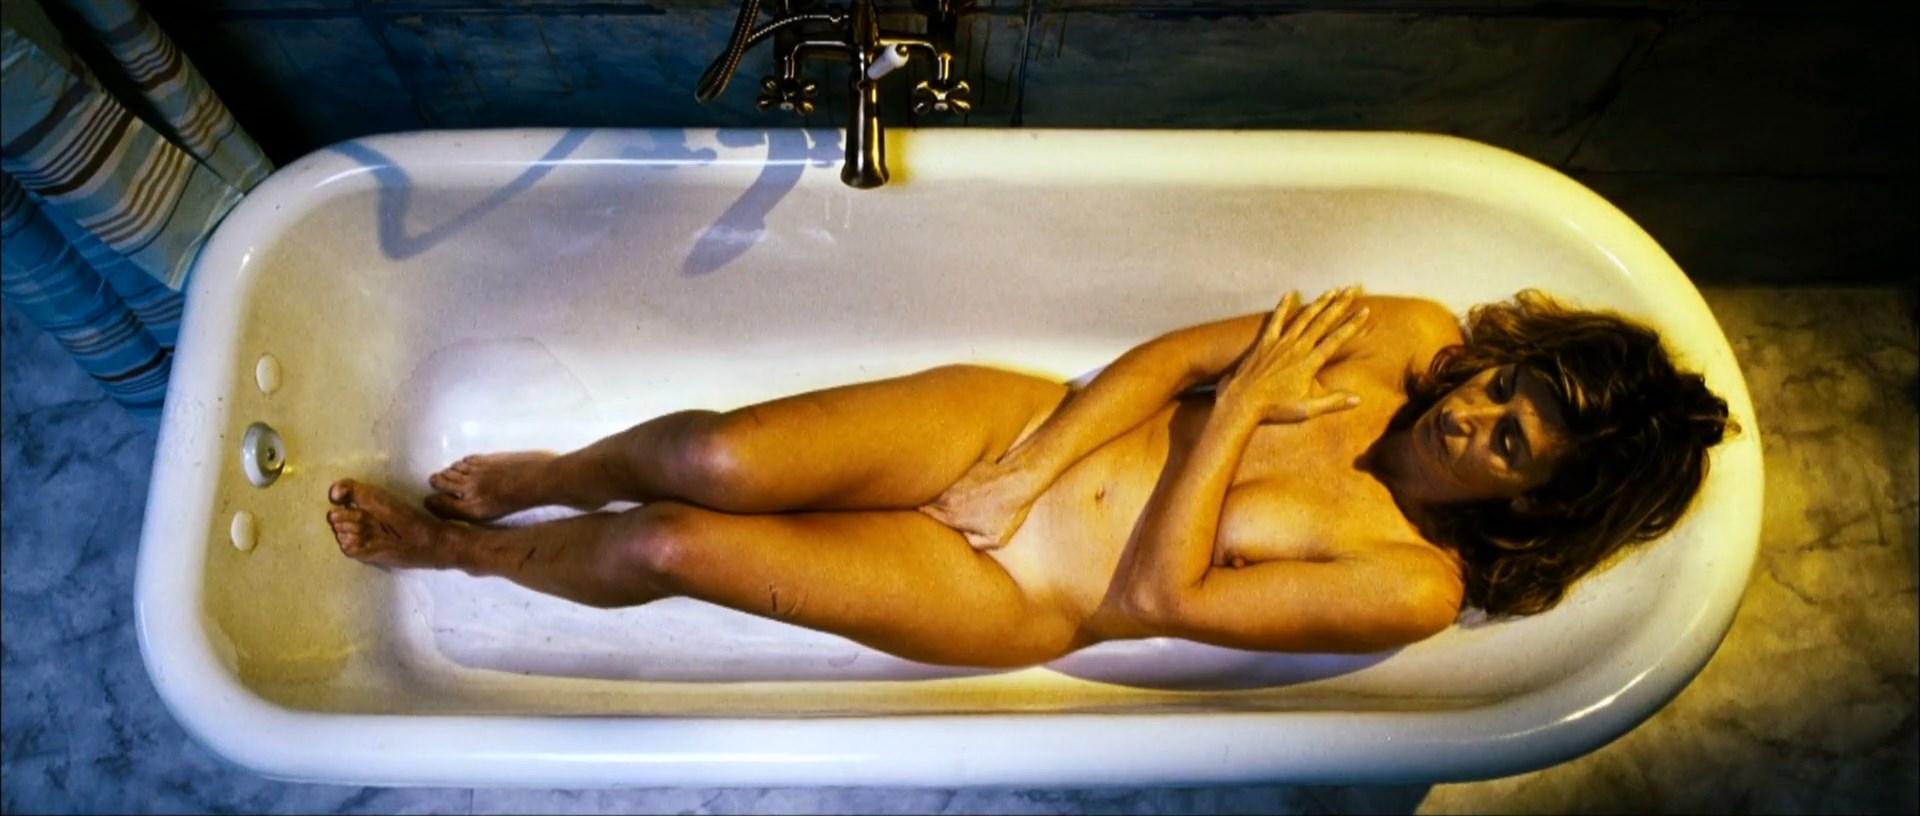 Macarena Gomez nude - Merry Little Christmas (2011)